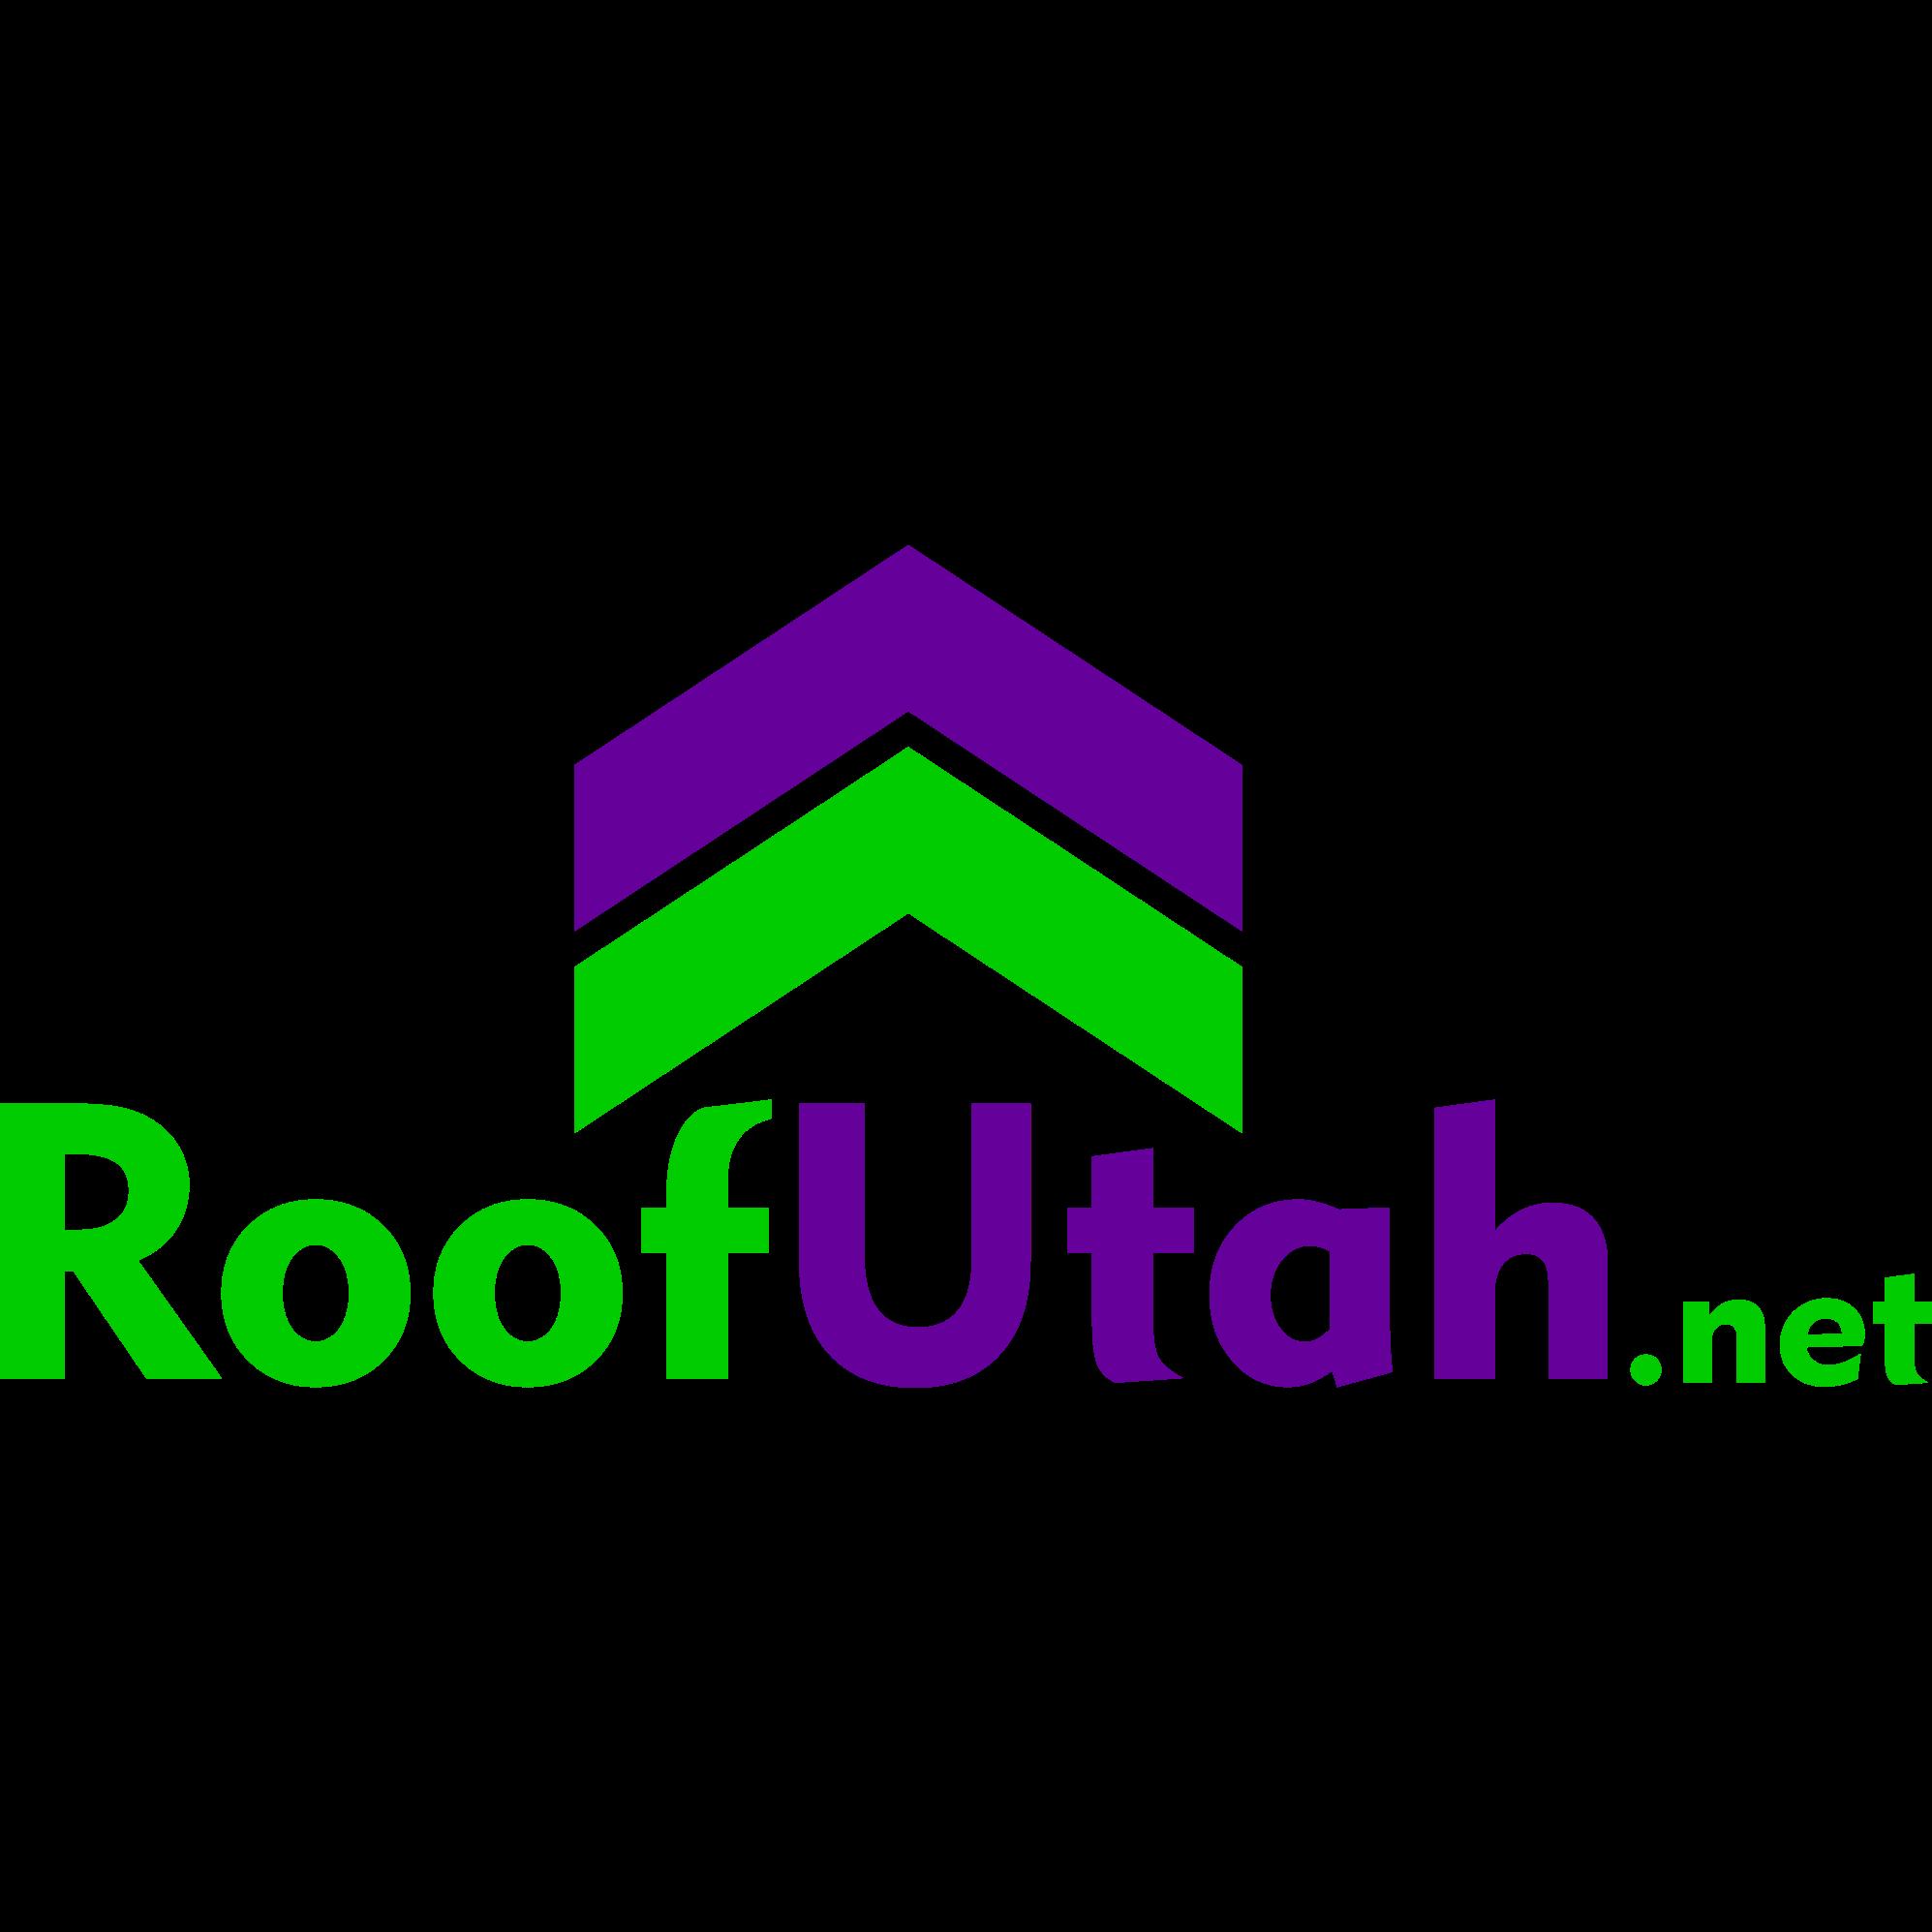 Roof Utah